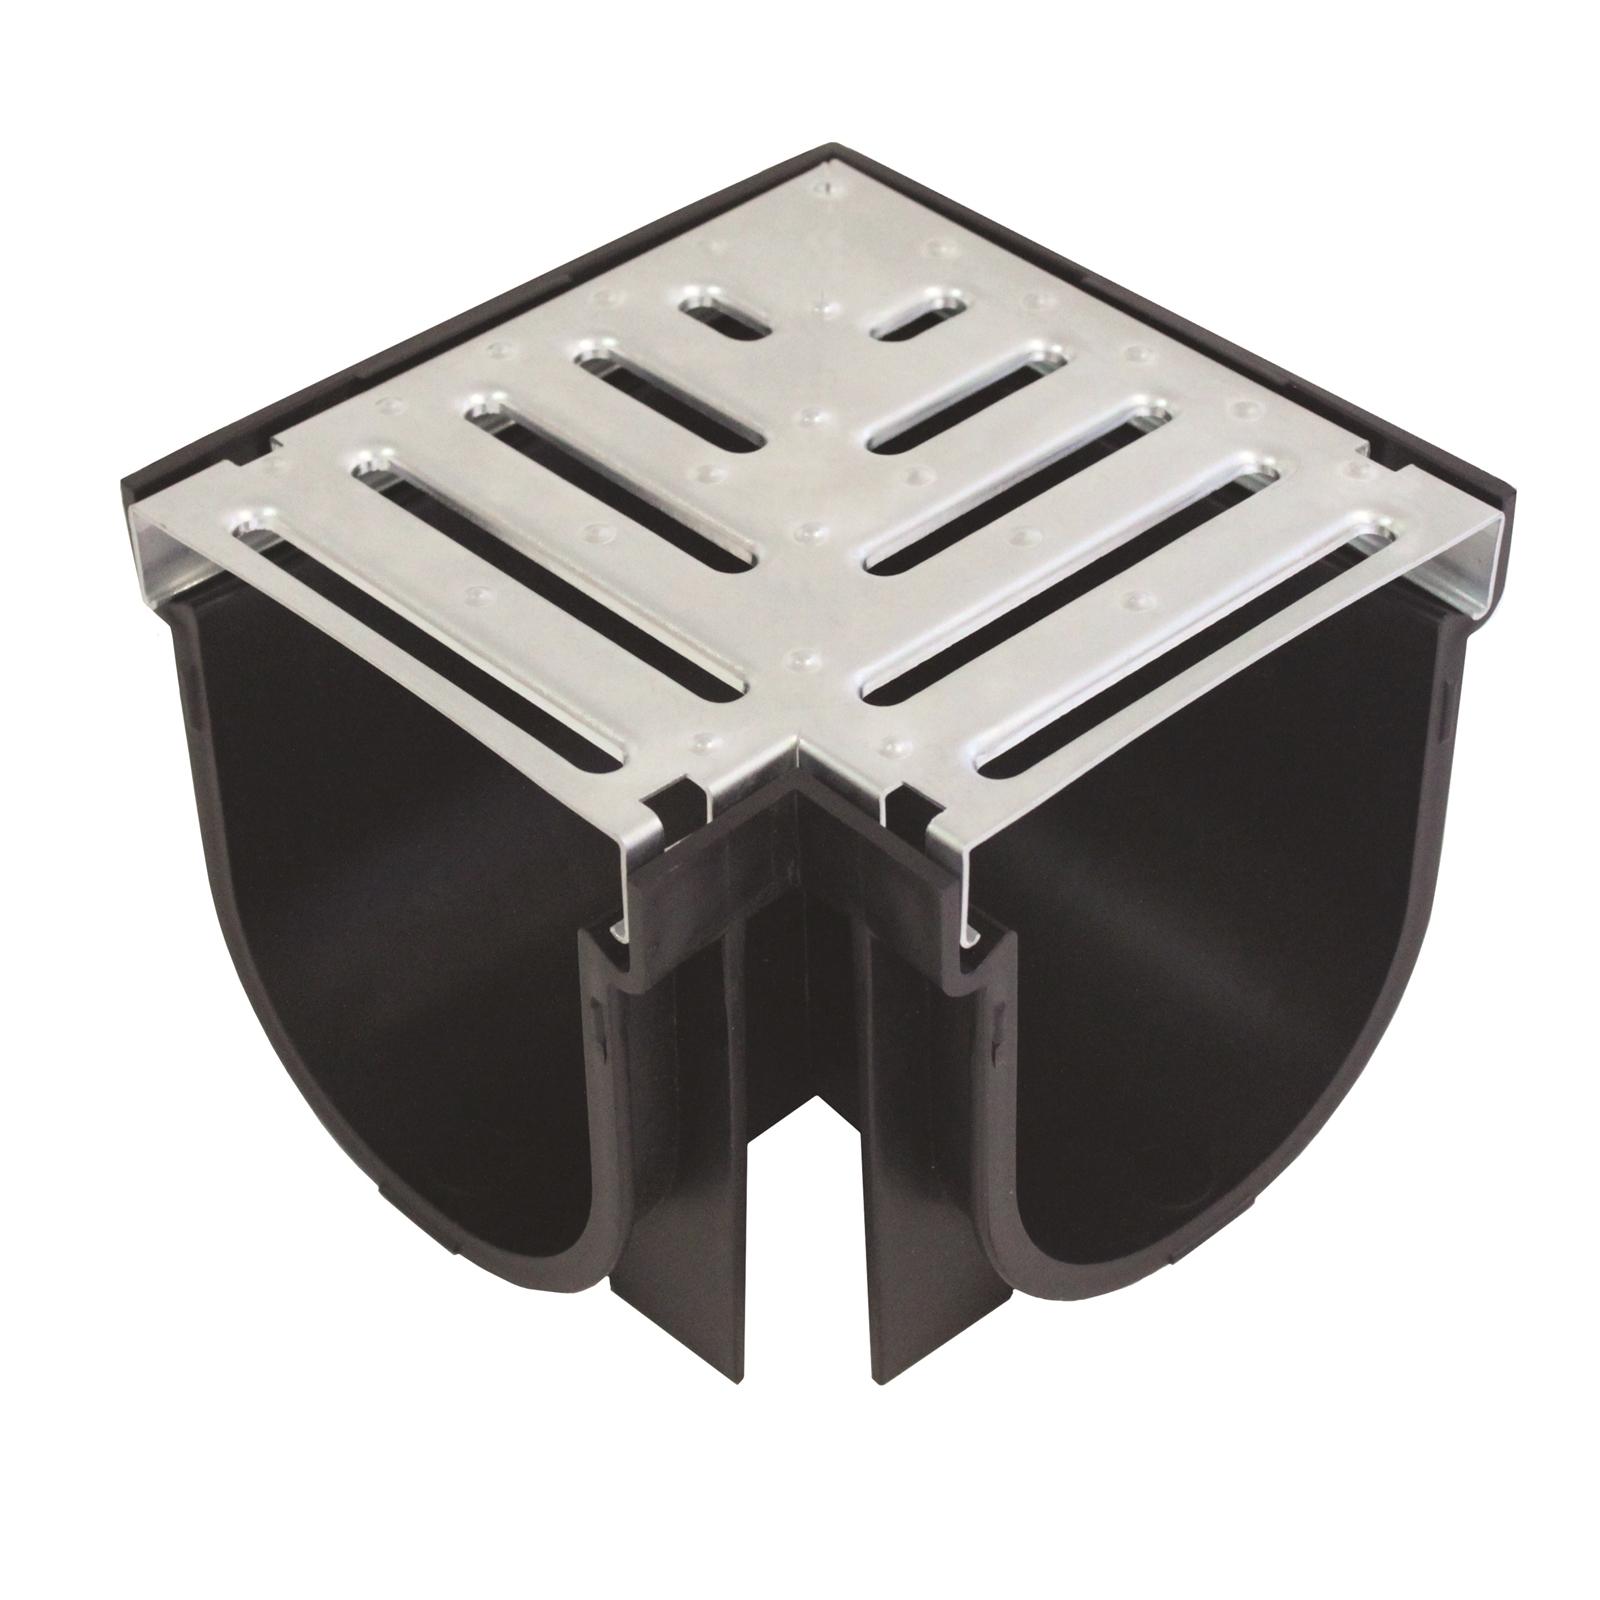 Everhard EasyDRAIN Galvanised Metal Grate & Corner